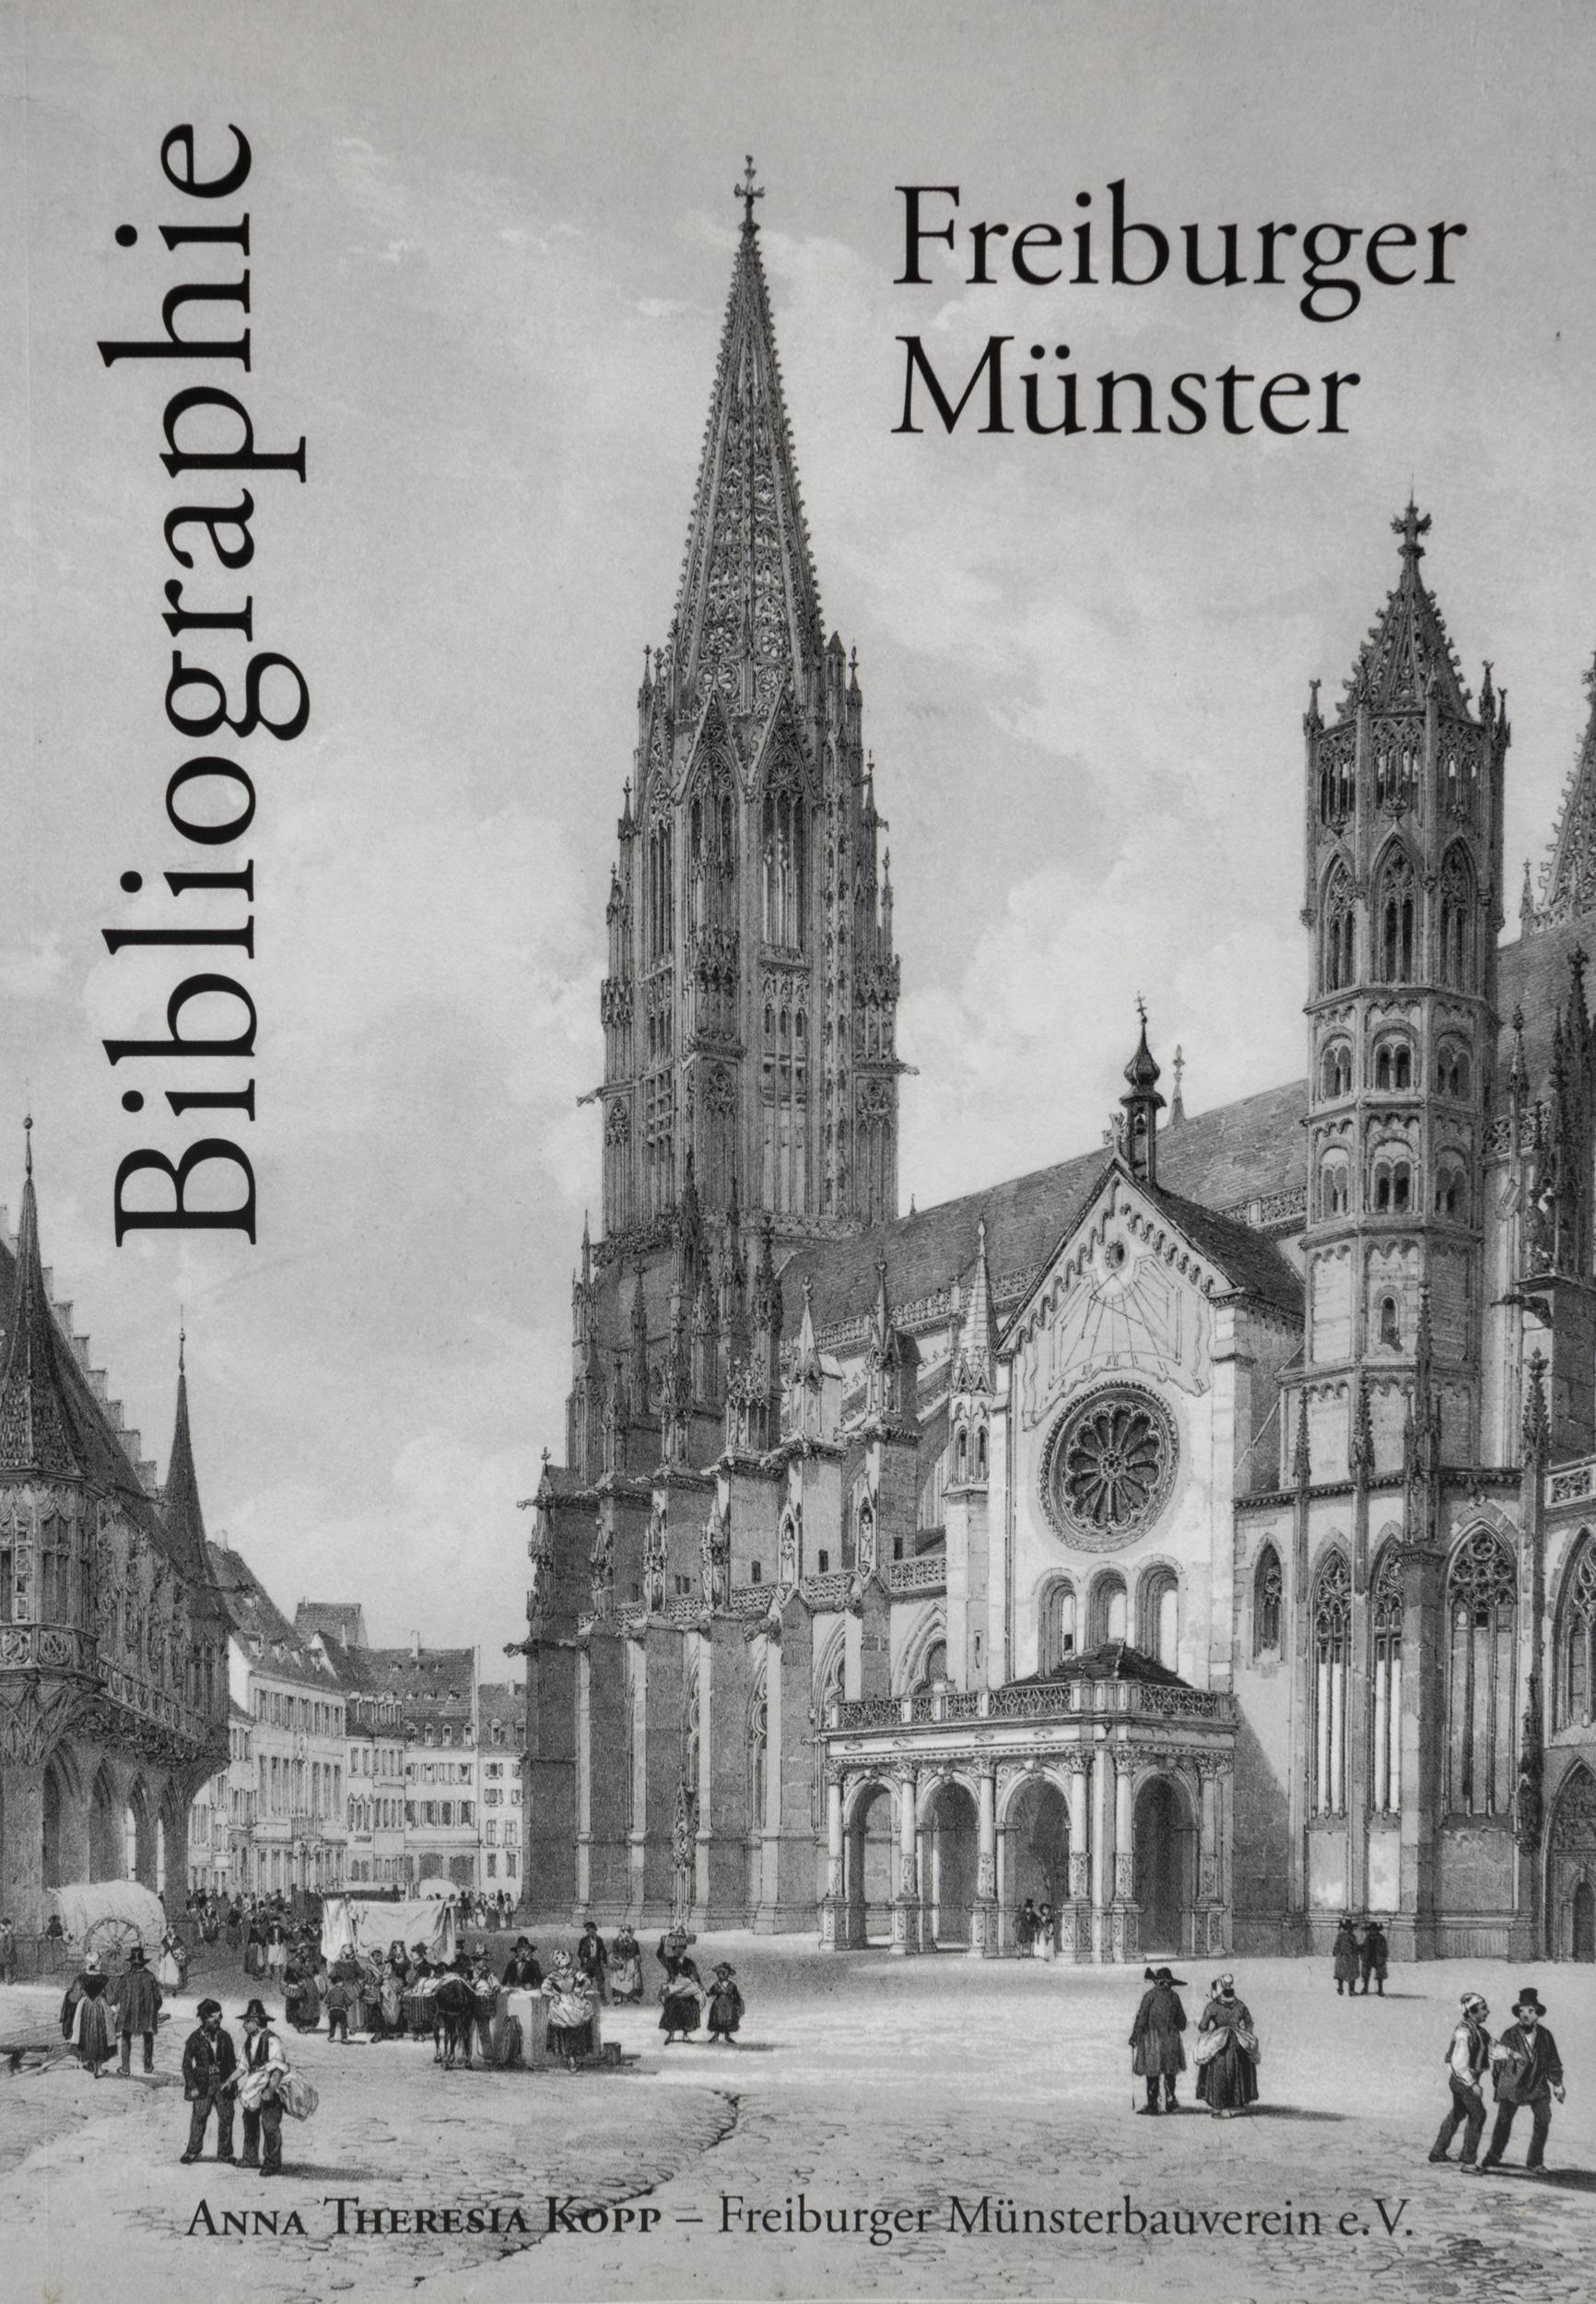 101-Muenster-Laden-Freiburg-Buch-Kopp-Bibliographie-Freiburger-Muenster